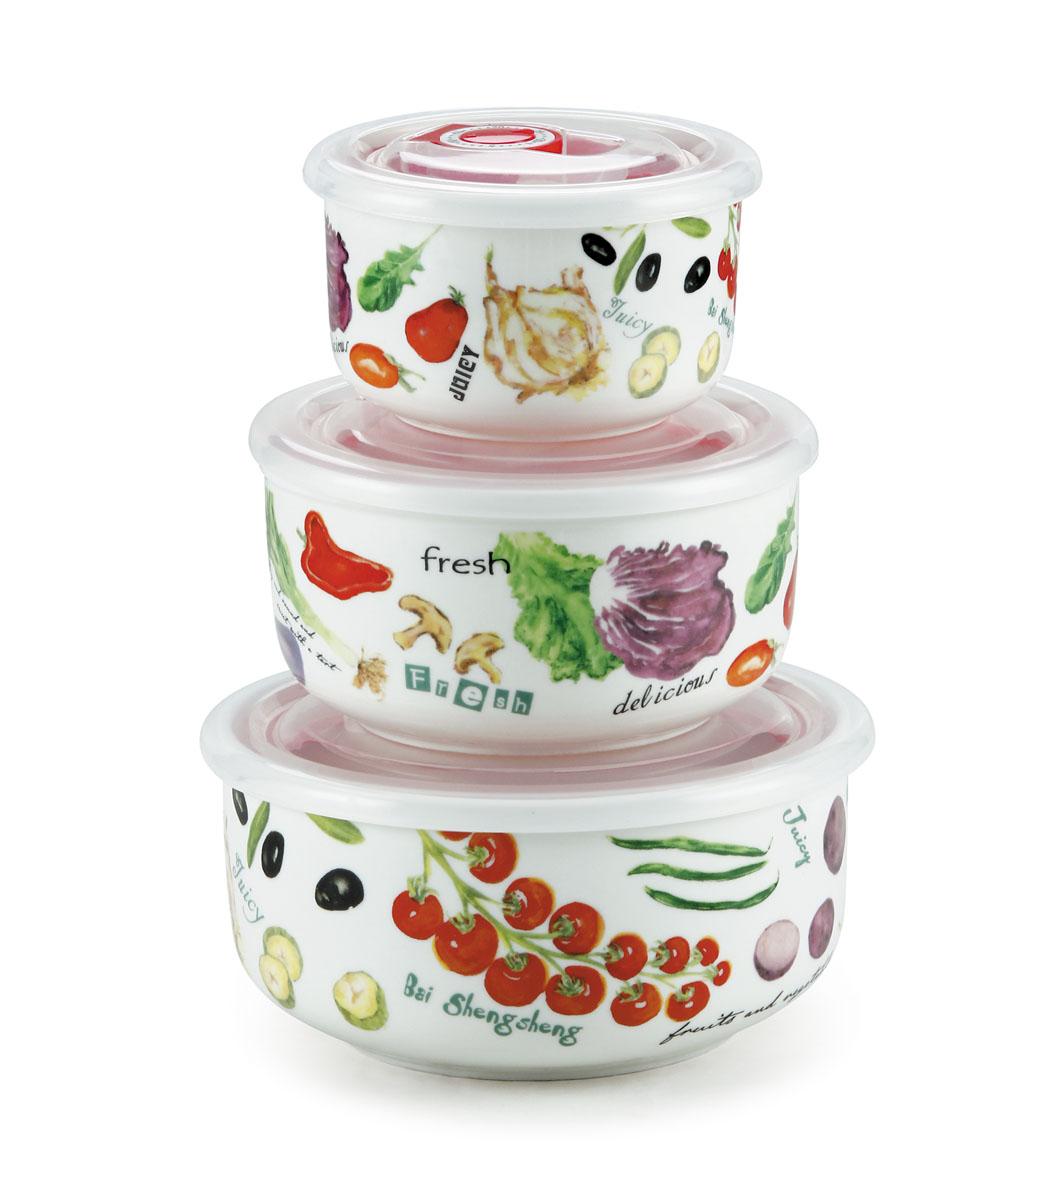 Набор вакуумных контейнеров Bekker Овощи с крышками, 3 штВК-5116Набор Bekker Овощи состоит из трех круглых вакуумных контейнеров разного объема. Контейнеры выполнены из высококачественного фарфора и декорированы изображениями овощей. Изделия надежно закрываются пластиковыми прозрачными вакуумными крышками, которые снабженысиликоновыми уплотнителями для лучшей фиксации. Благодаря этому они будут дольше сохранятьсвежесть ваших продуктов. Крышки оснащены специальным откидывающимися механизмами с отметками дня месяца, которые вы можете установить вручную и всегда быть уверенным в срокегодности продуктов. Чтобы открыть контейнер, вам нужно откинуть механизм вверх. Набор оченьудобно хранить, и на кухне он не займет много места, так как изделия складываются друг в друга по принципу матрешки.Функциональный и яркий набор контейнеров Bekker Овощи займет достойное место среди аксессуаров на вашей кухне. Контейнеры пригодны для использования в микроволновой печи и посудомоечной машине.Комплектация: 3 шт.Объем контейнеров: 300 мл, 550 мл, 950 мл. Диаметр: 10 см, 13 см, 15 см. Высота стенки (без учета крышки): 6 см, 6,5 см, 7 см.